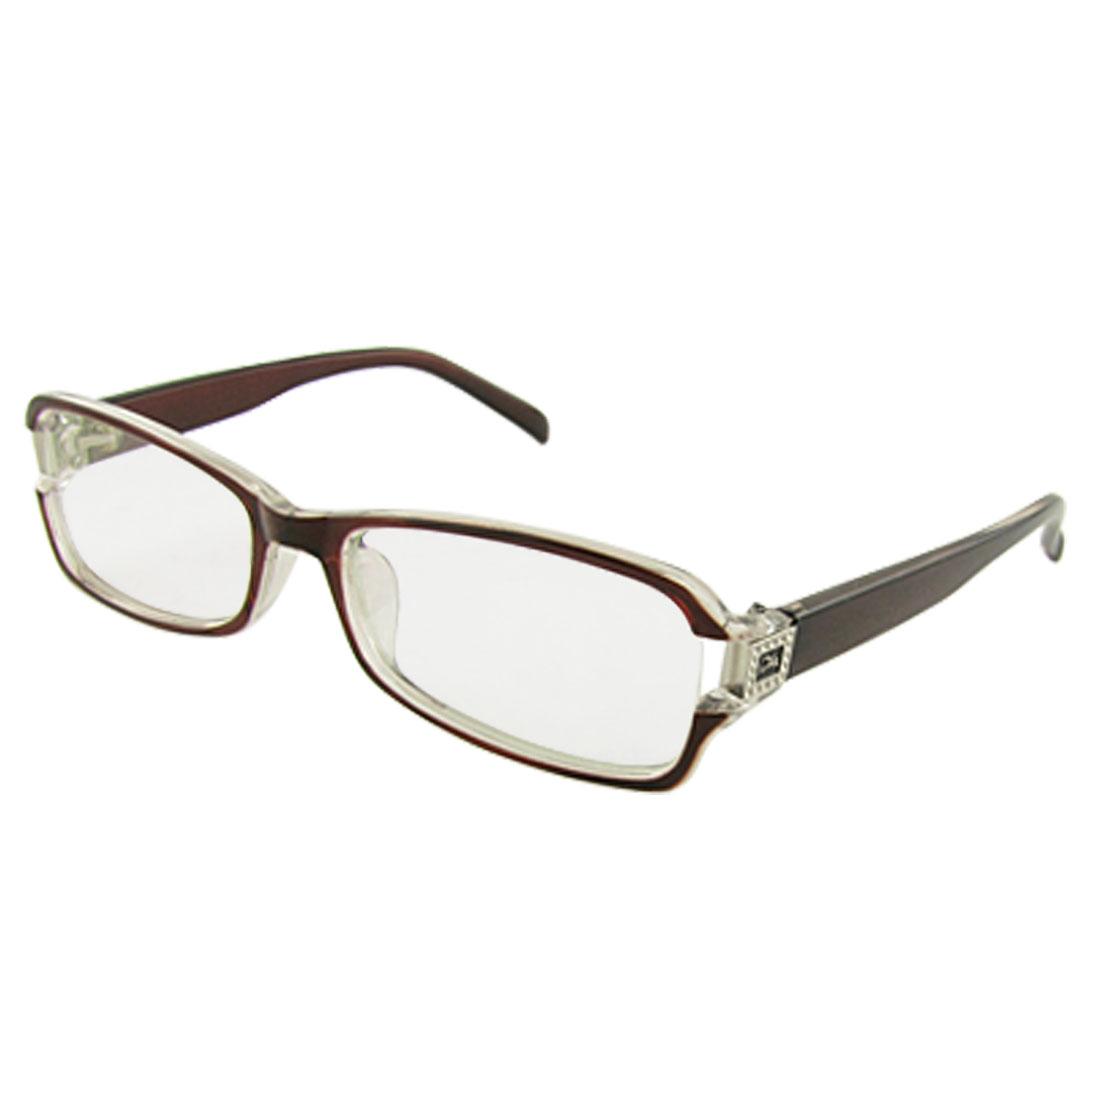 Brown Full Frame Rectangle Lens Single Bridge Plano Glasses